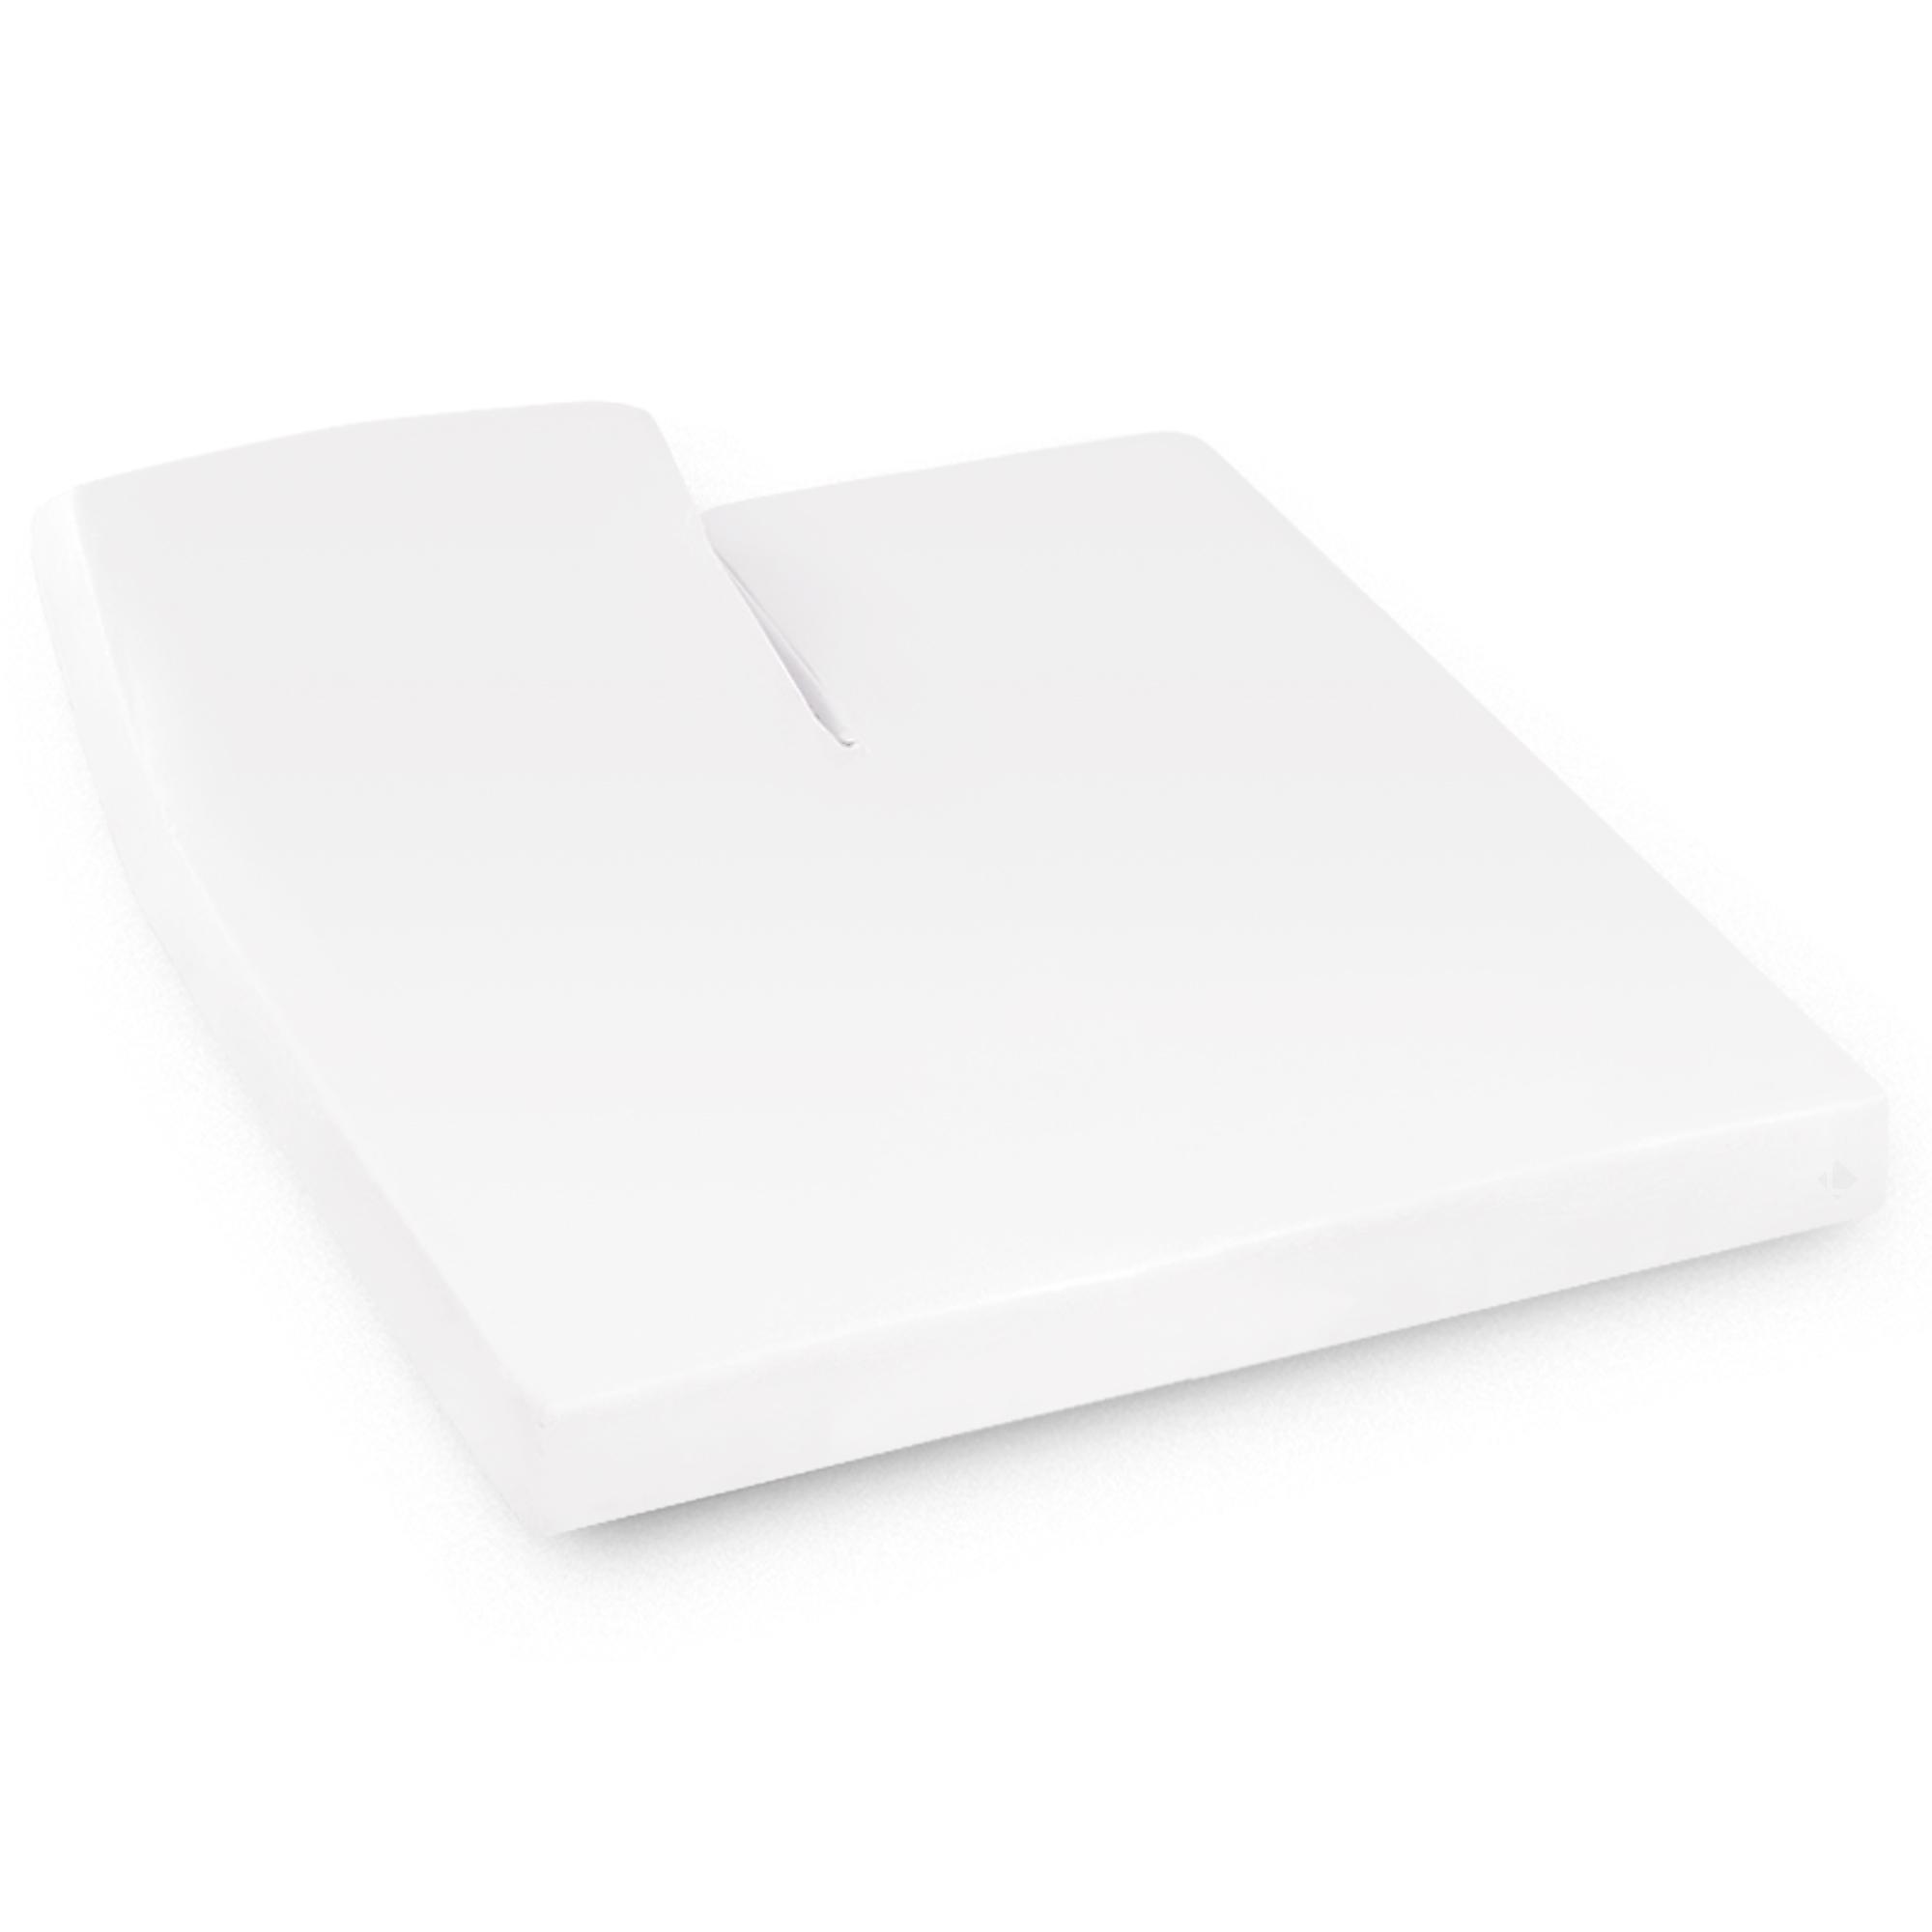 prot ge matelas imperm able 2x80x200 cm lit articul tr bonnet 30cm arnon molleton 100 coton. Black Bedroom Furniture Sets. Home Design Ideas